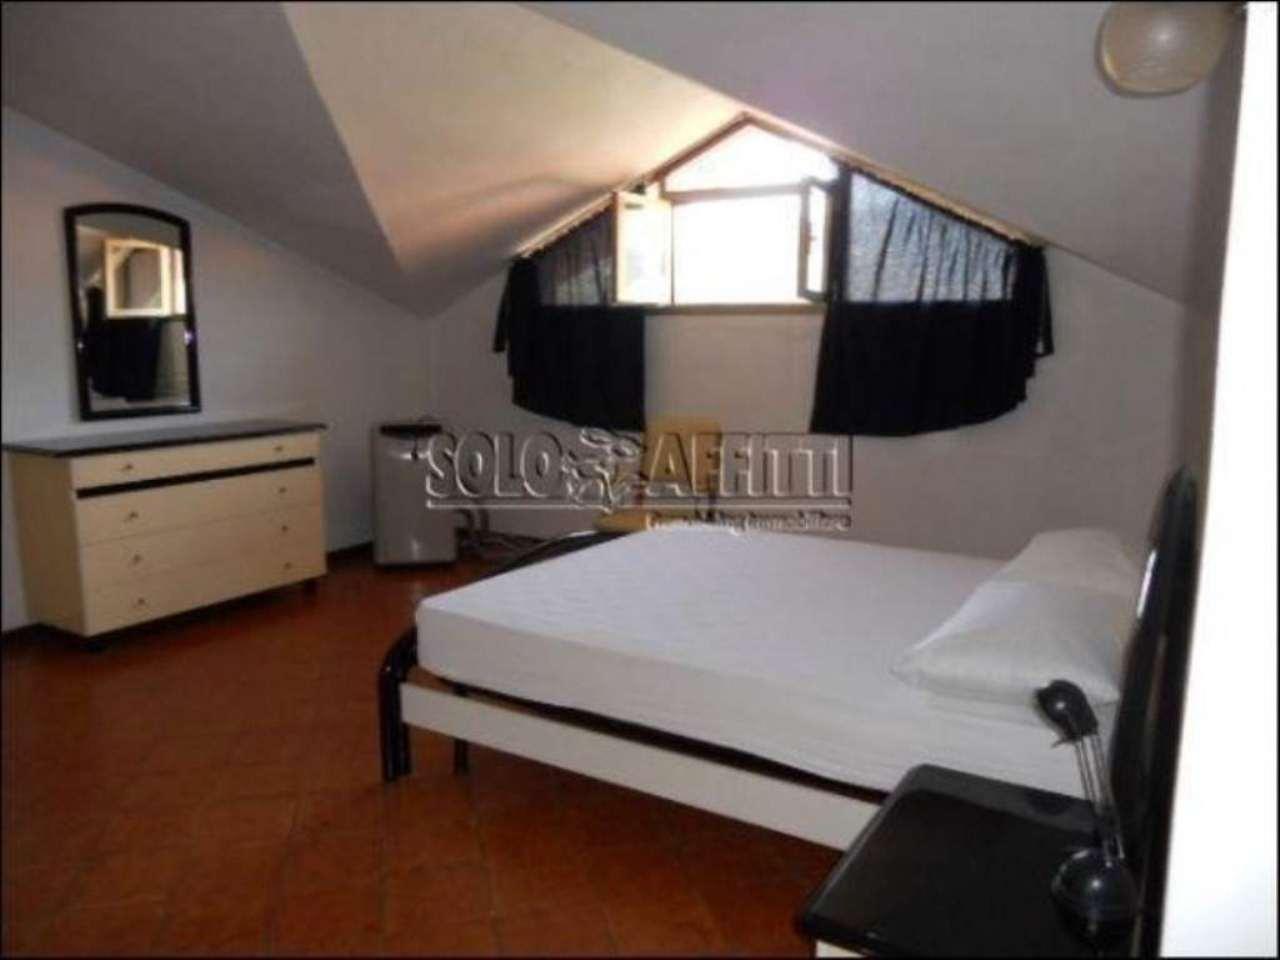 Attico / Mansarda in affitto a Massa e Cozzile, 2 locali, prezzo € 450 | Cambio Casa.it